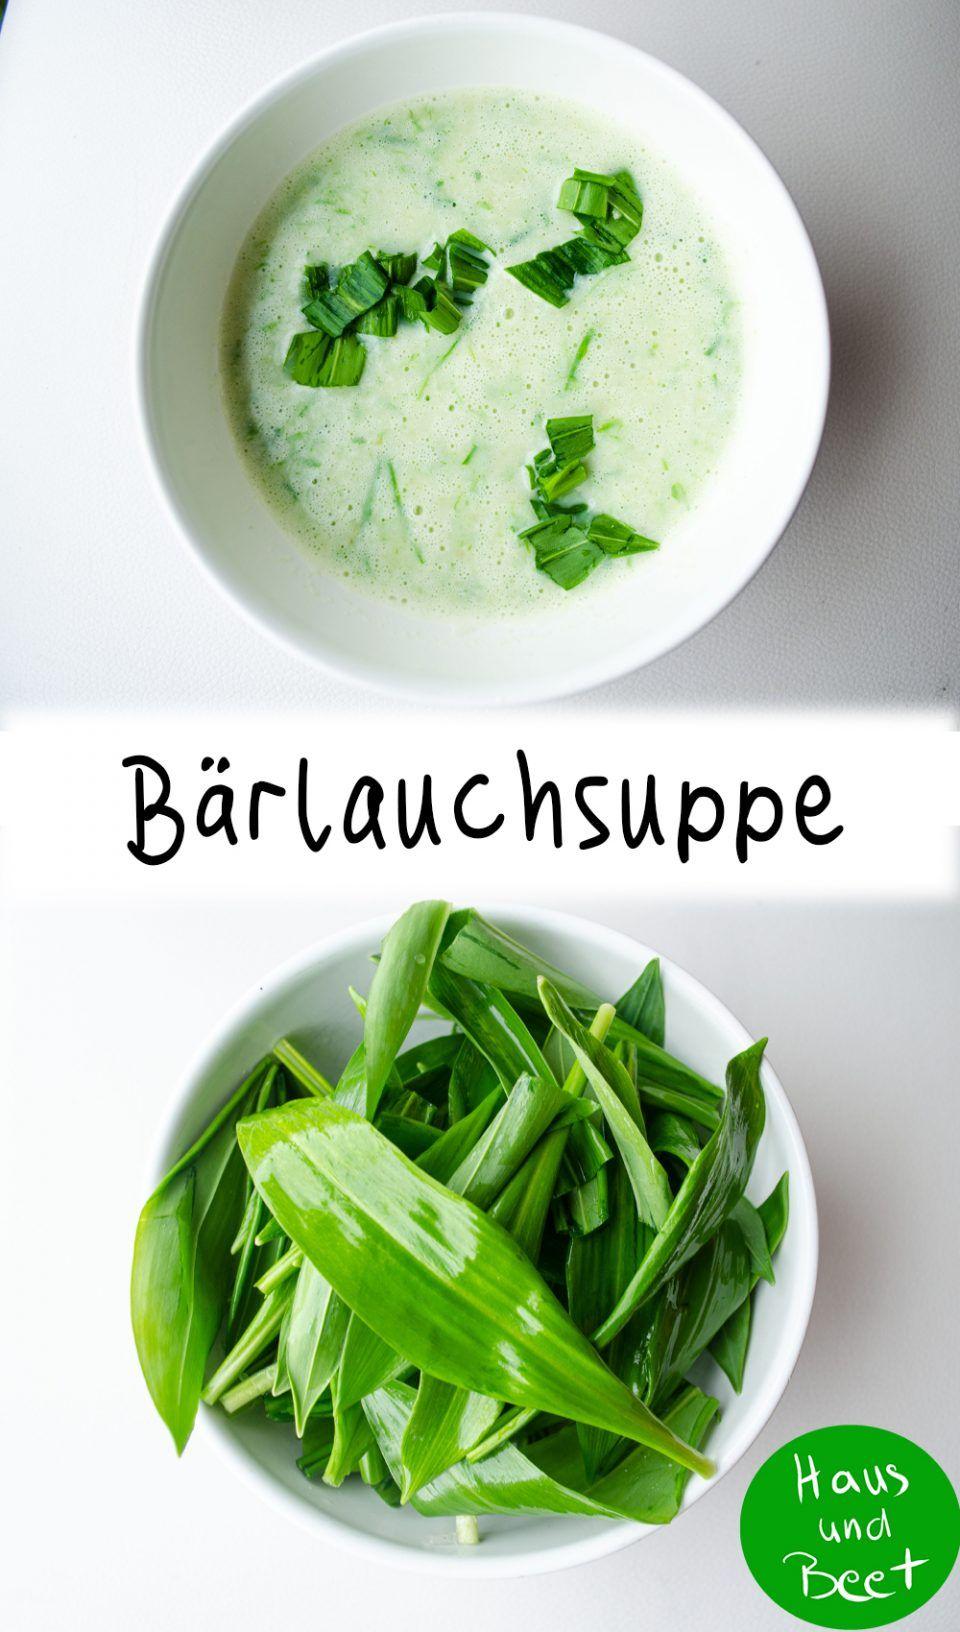 Bärlauchsuppe – einfaches Rezept mit frischem Bärlauch - Haus und Beet